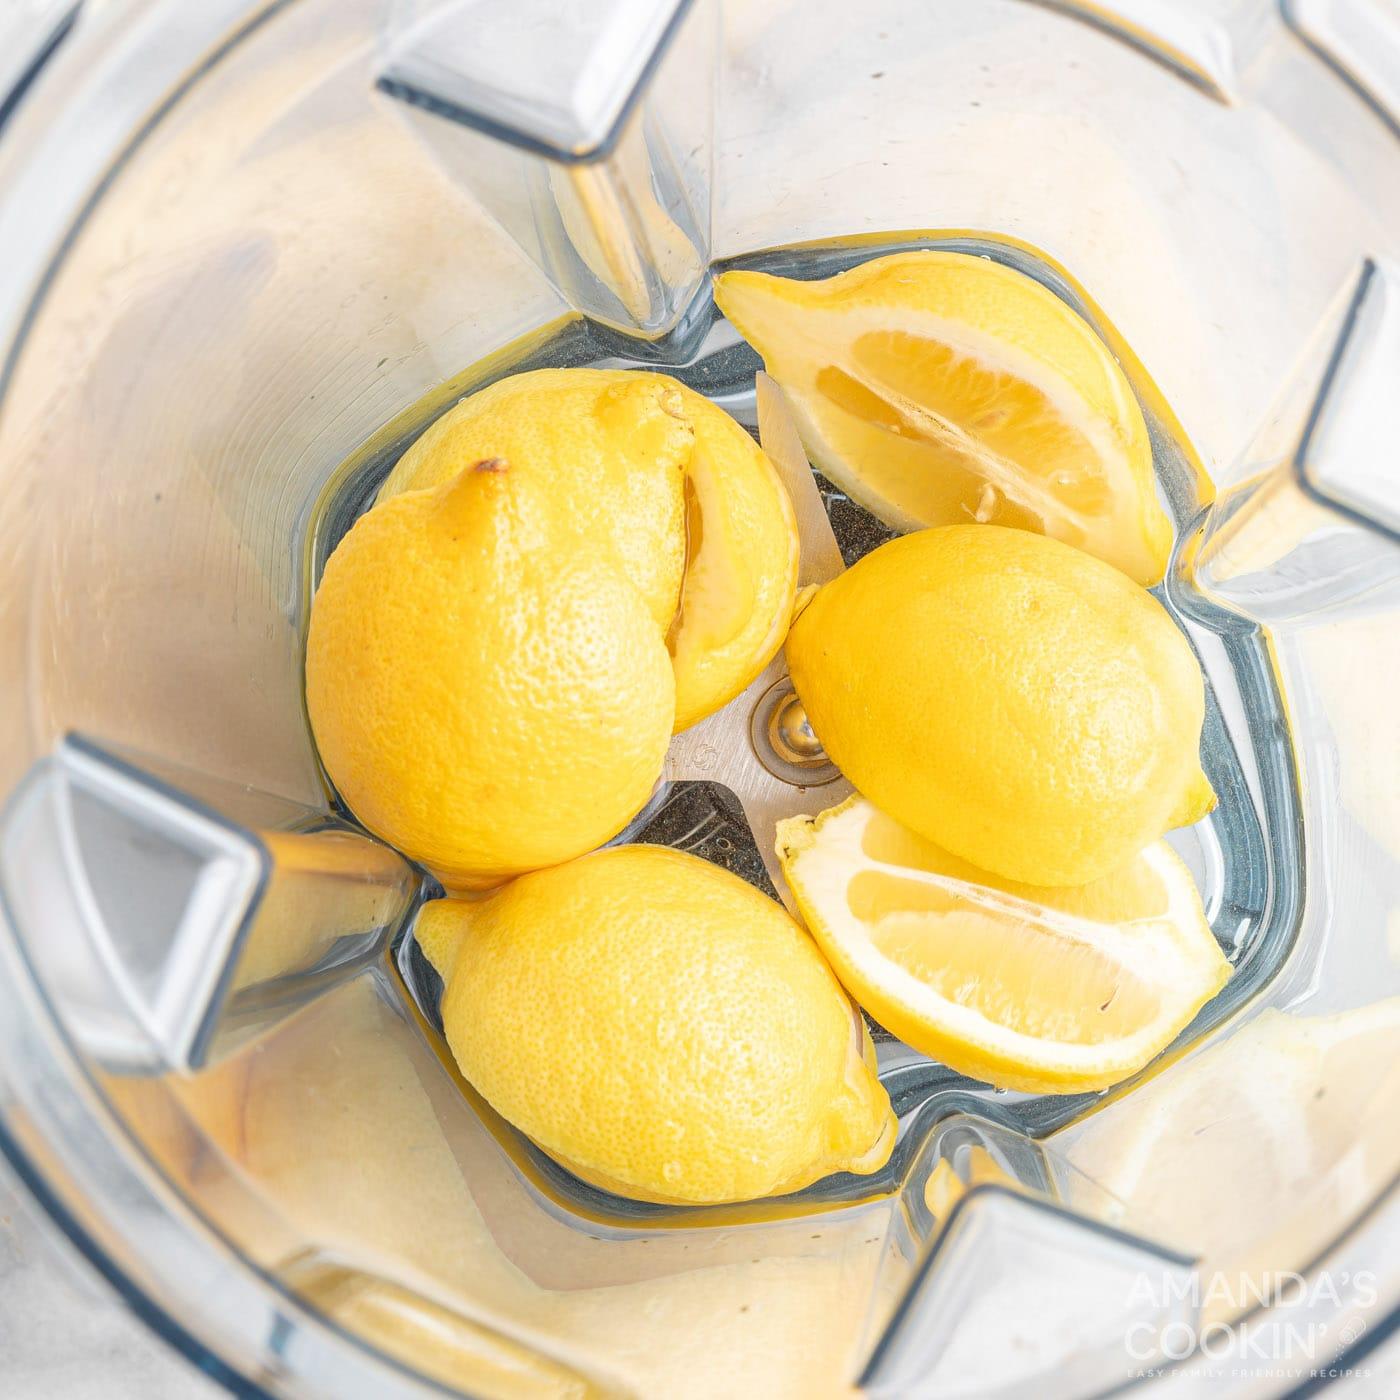 halved lemons in a blender